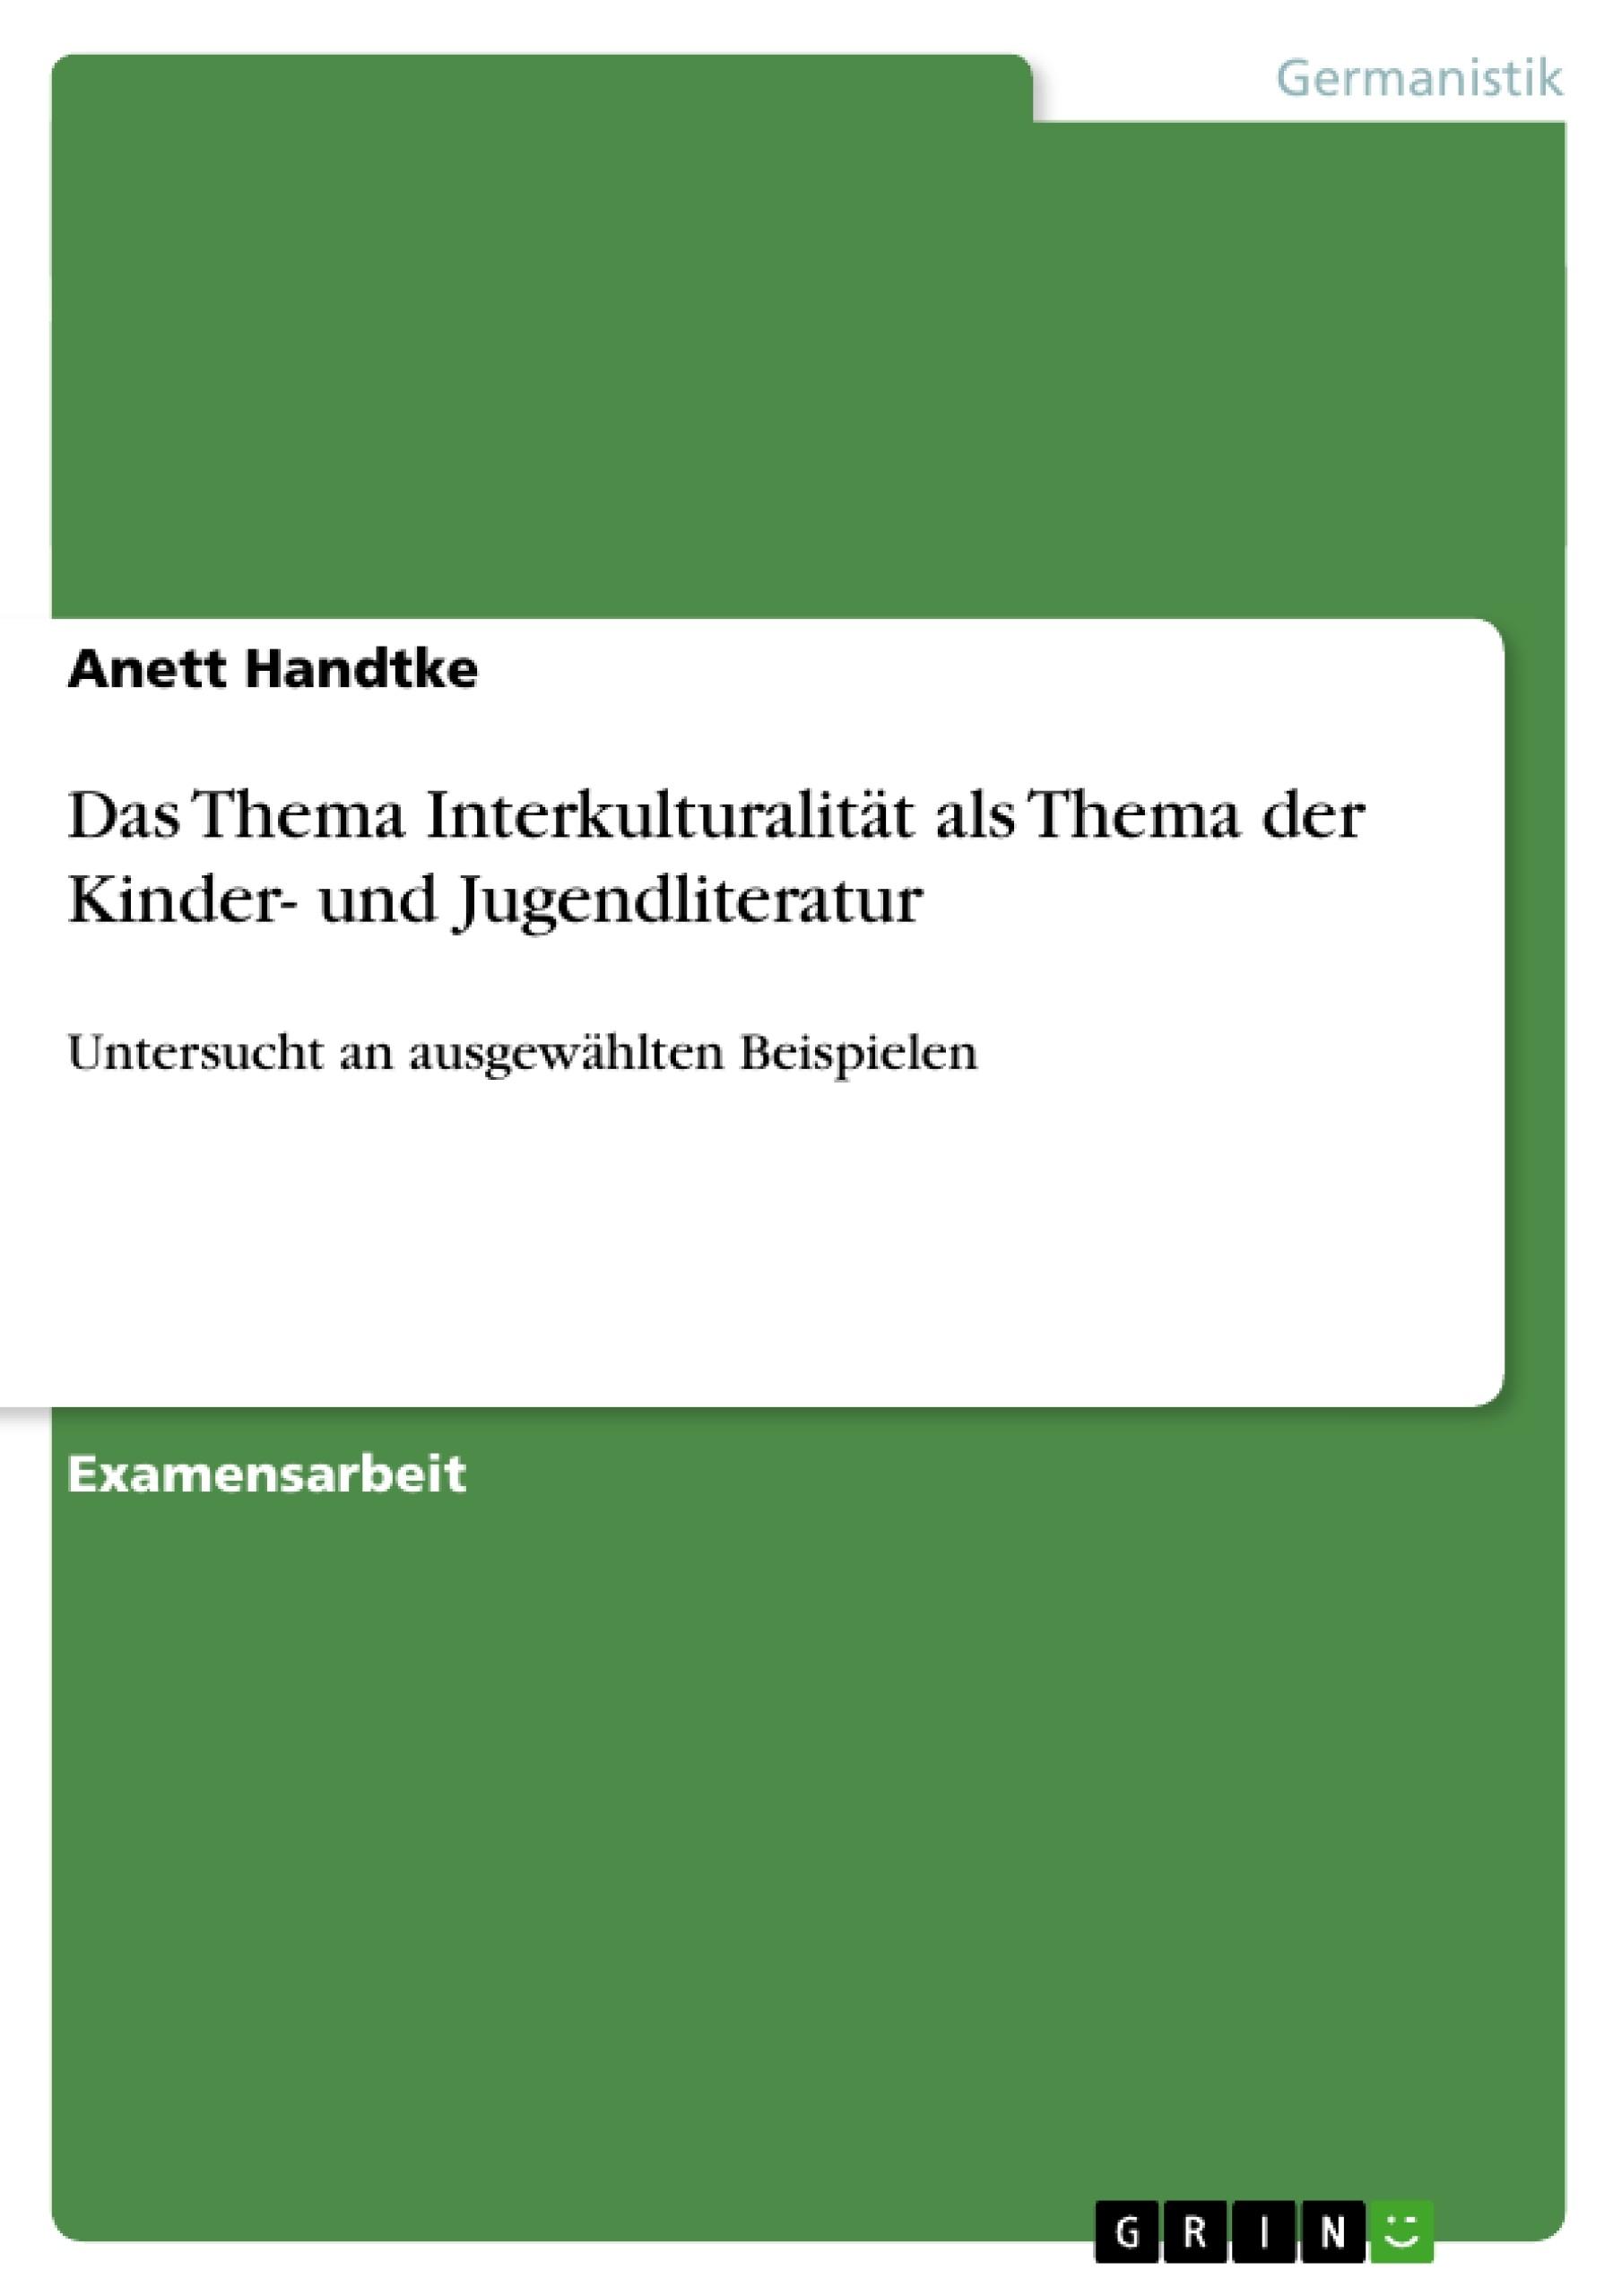 Titel: Das Thema Interkulturalität als Thema der Kinder- und Jugendliteratur